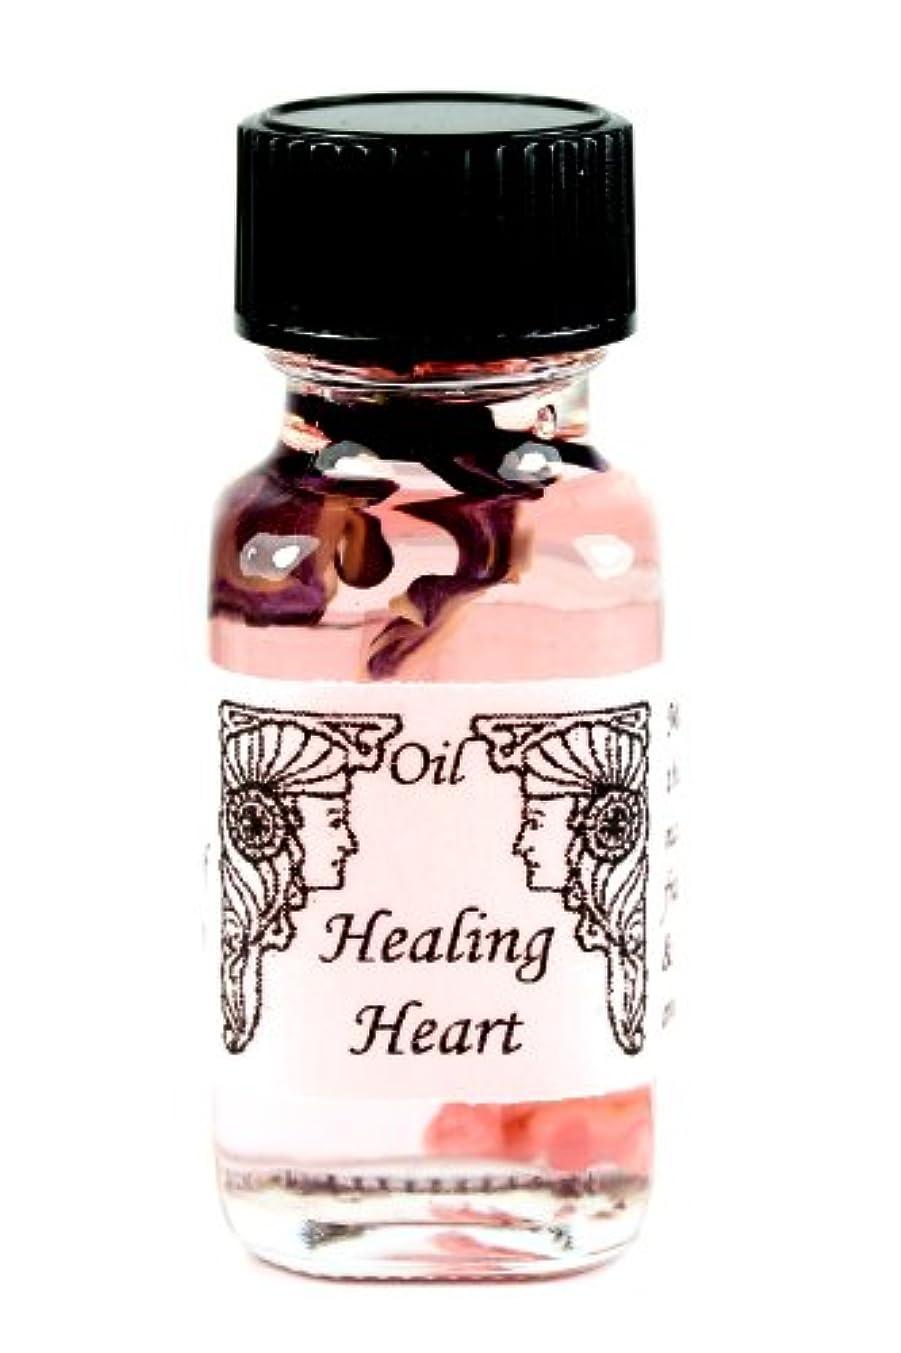 指紋ソフィー許容できるアンシェントメモリーオイルHealing Heart ヒーリングハート【心を癒す】過去の傷ついた気持ちを受けとめ許す(2014年新作)